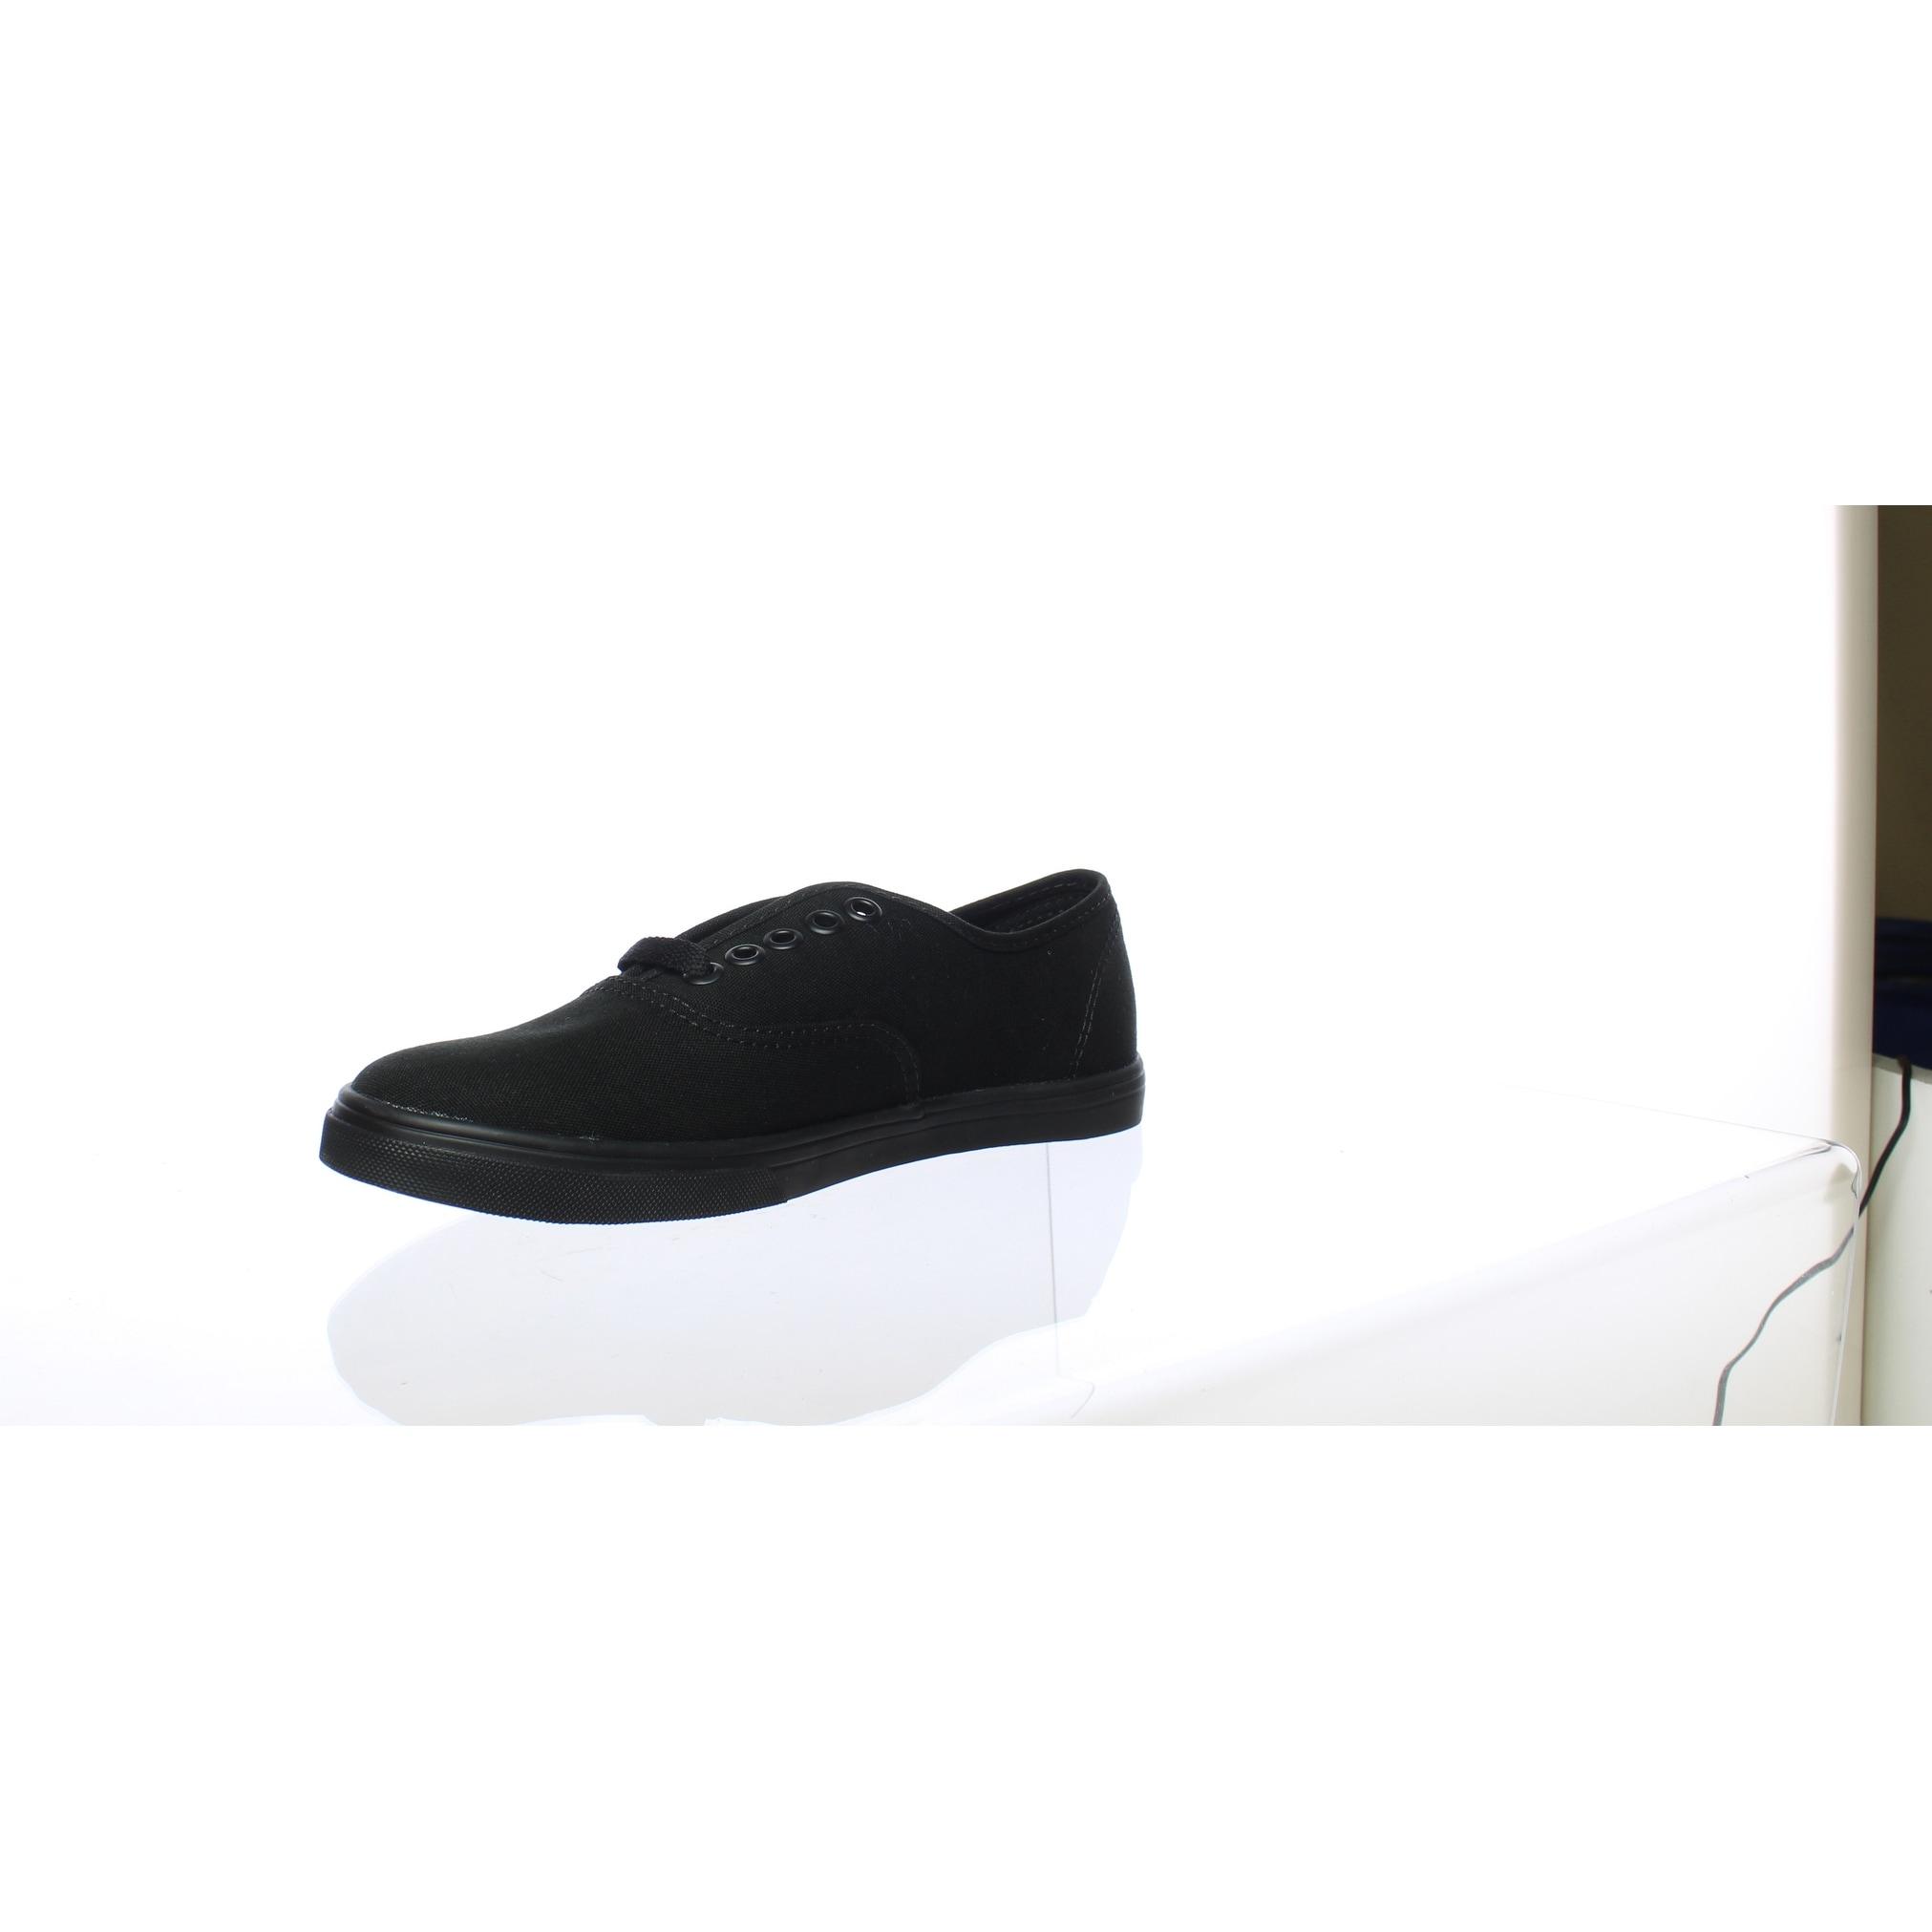 d9be5a610c Shop Vans Womens Lo Pro Black Black Skateboarding Shoes Size 6 ...